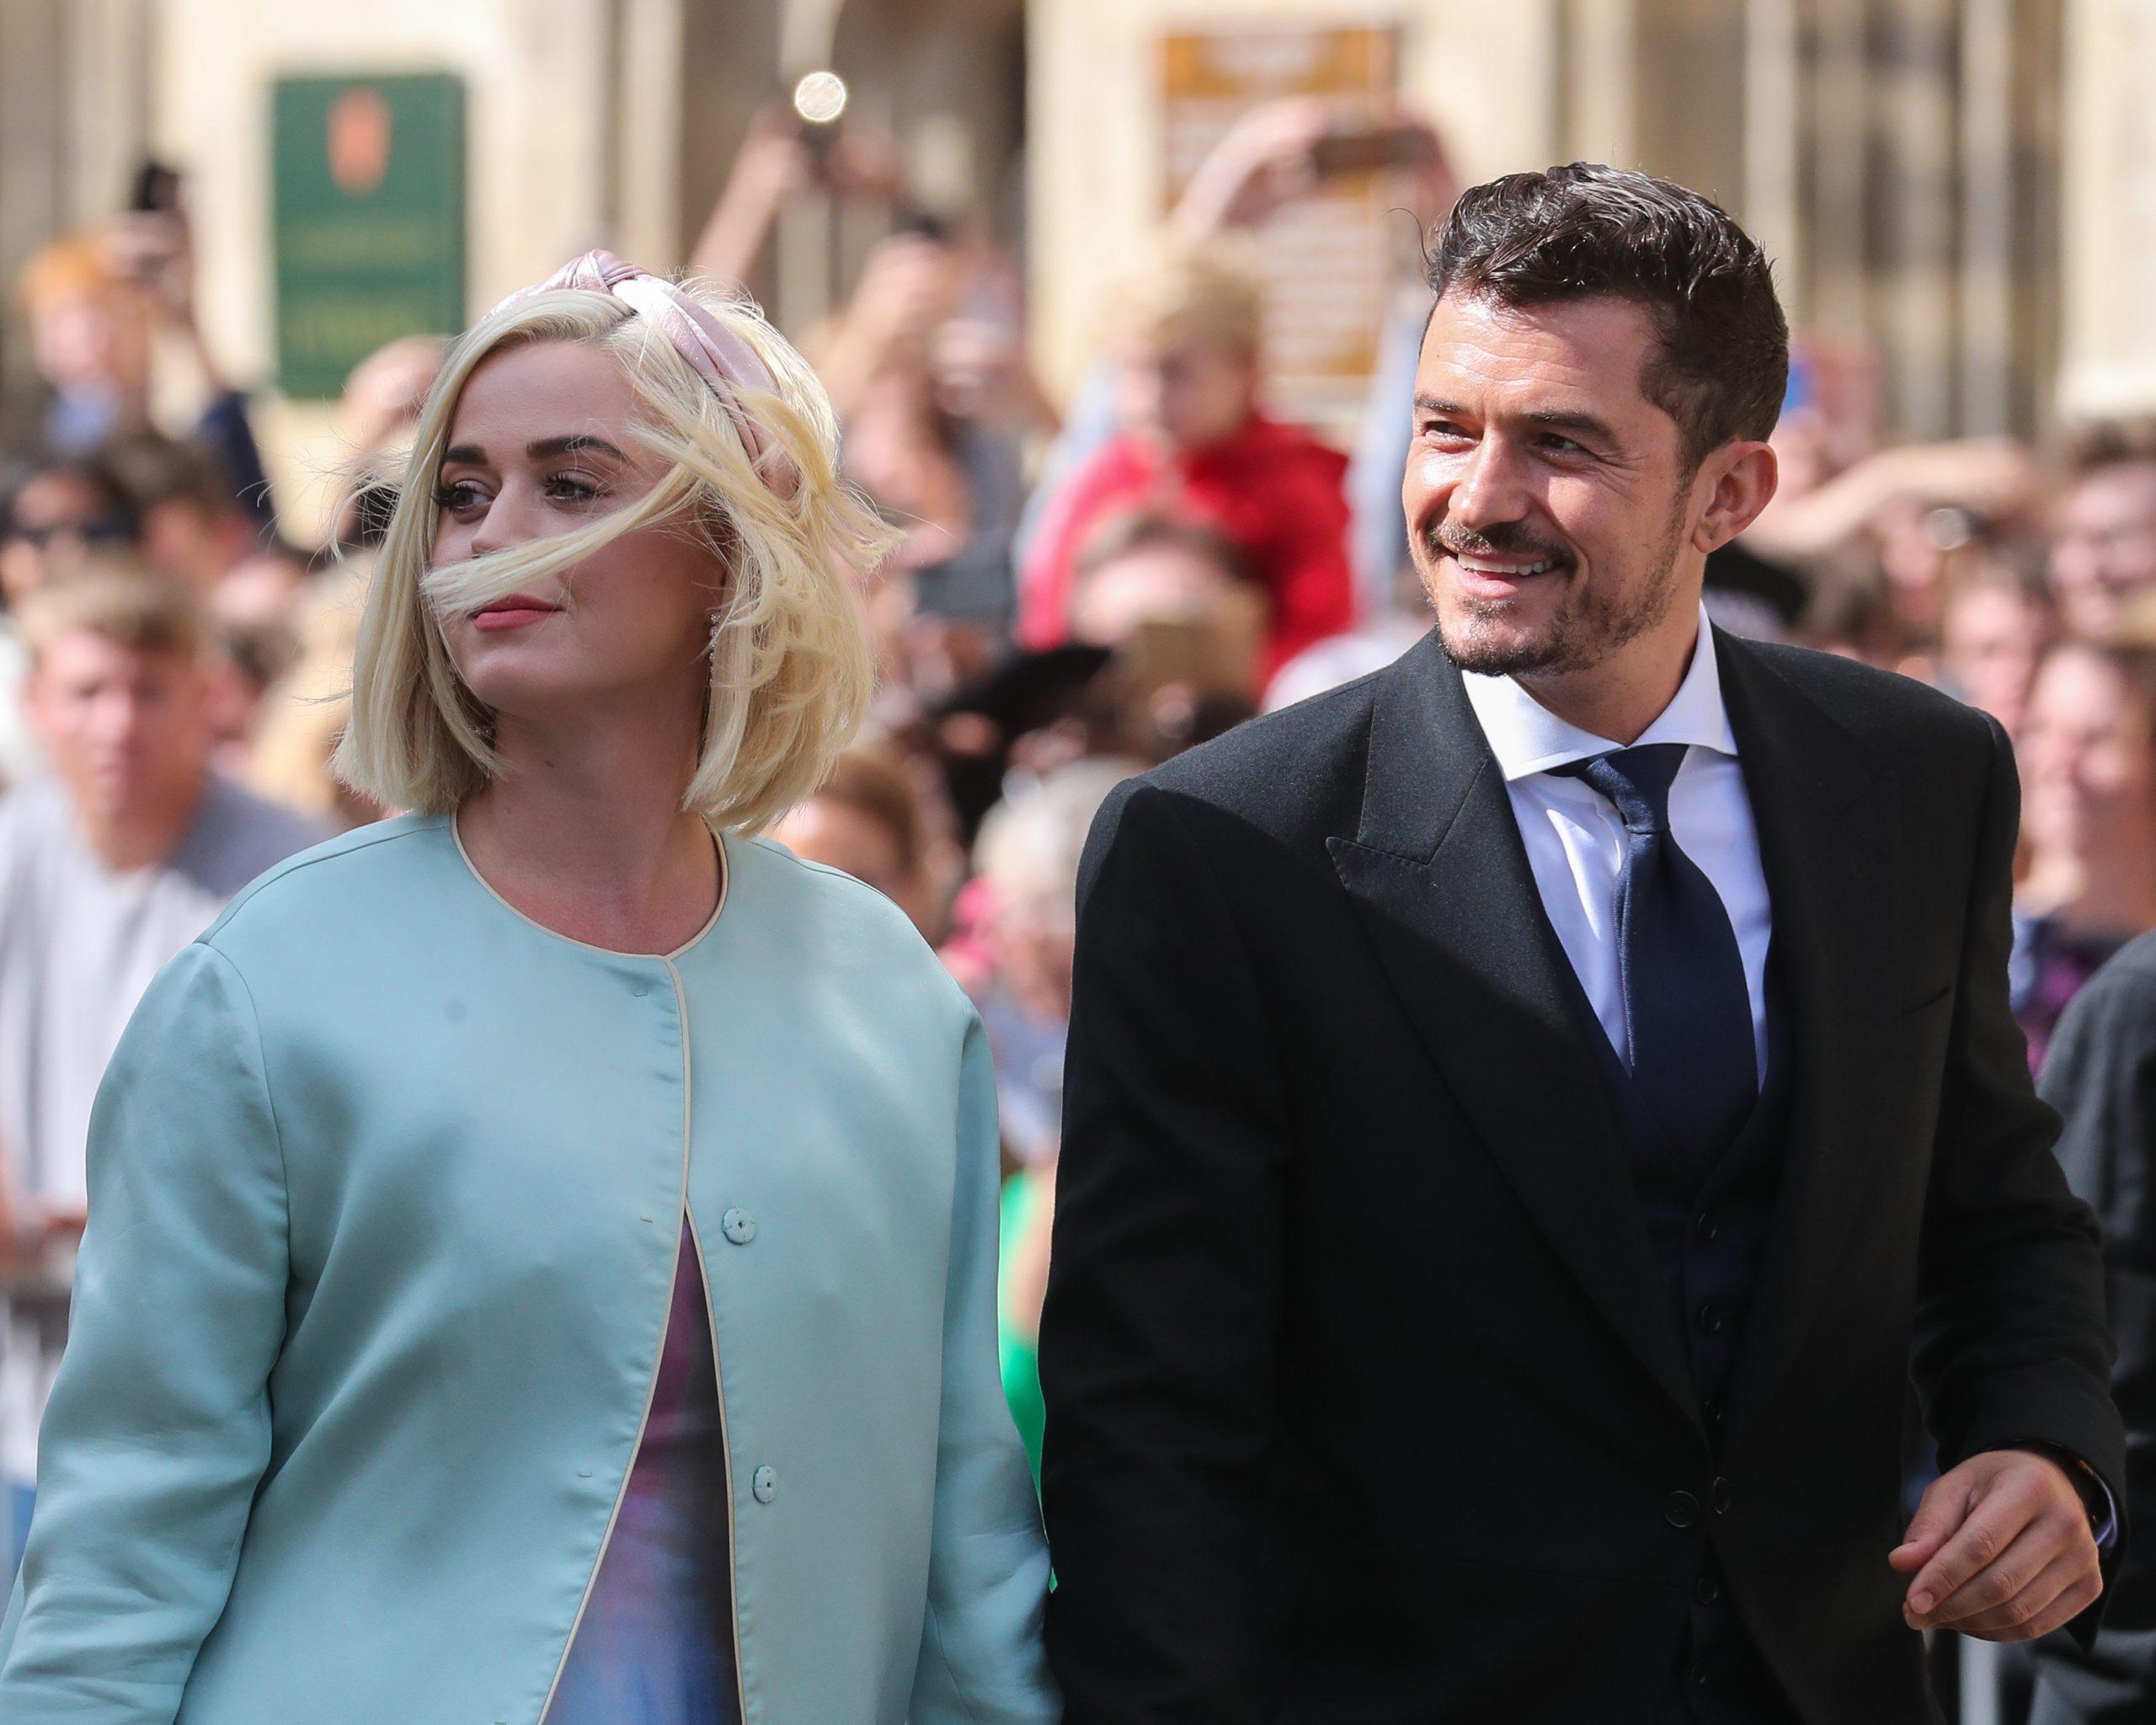 Fíjate, Paty: Katy Perry y Orlando Bloom le dan la bienvenida a su primer bebé